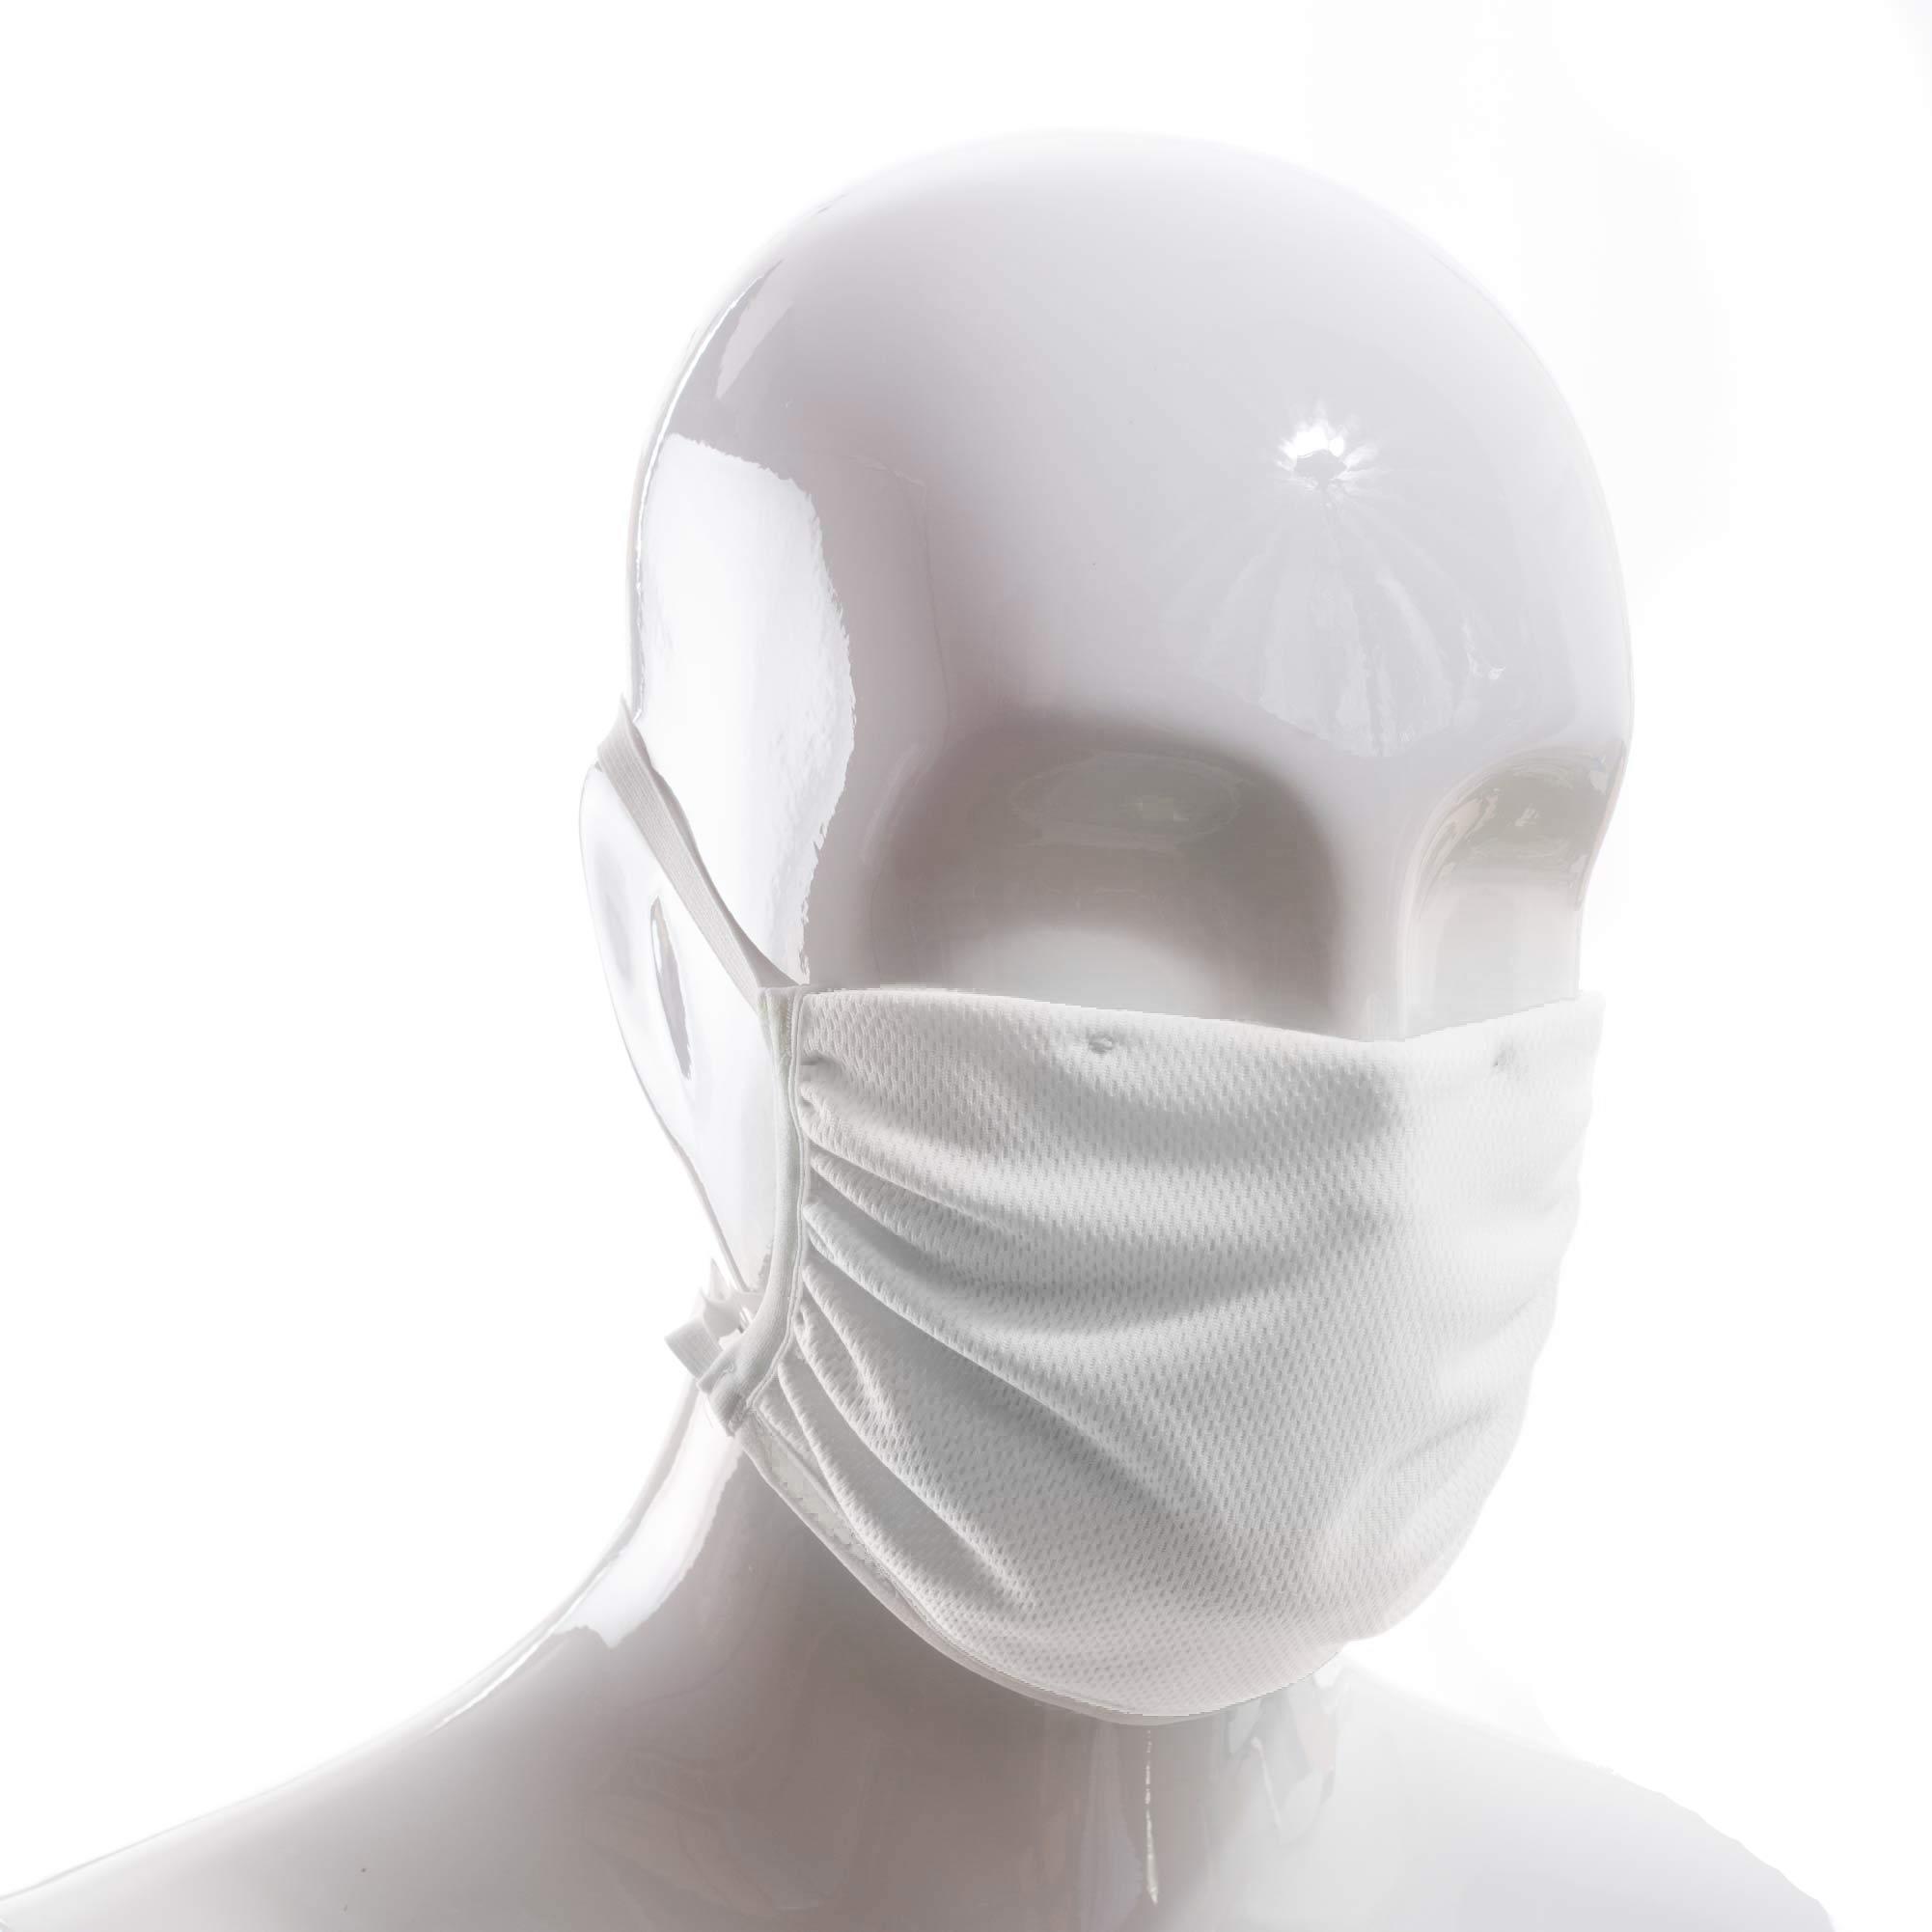 Die Polyester Mund-Nasen Maske CXM5 von der Wonneberger Manufaktur ist eine textile Behelfsmaske, kein zertifizierter Mundschutz.  Sie schützt nur bedingt vor Ansteckung. Ihr eigentlicher Zweck ist es, den Atem des Trägers zu filtern und dadurch seine Umgebung zu schützen.  Daher muss die…